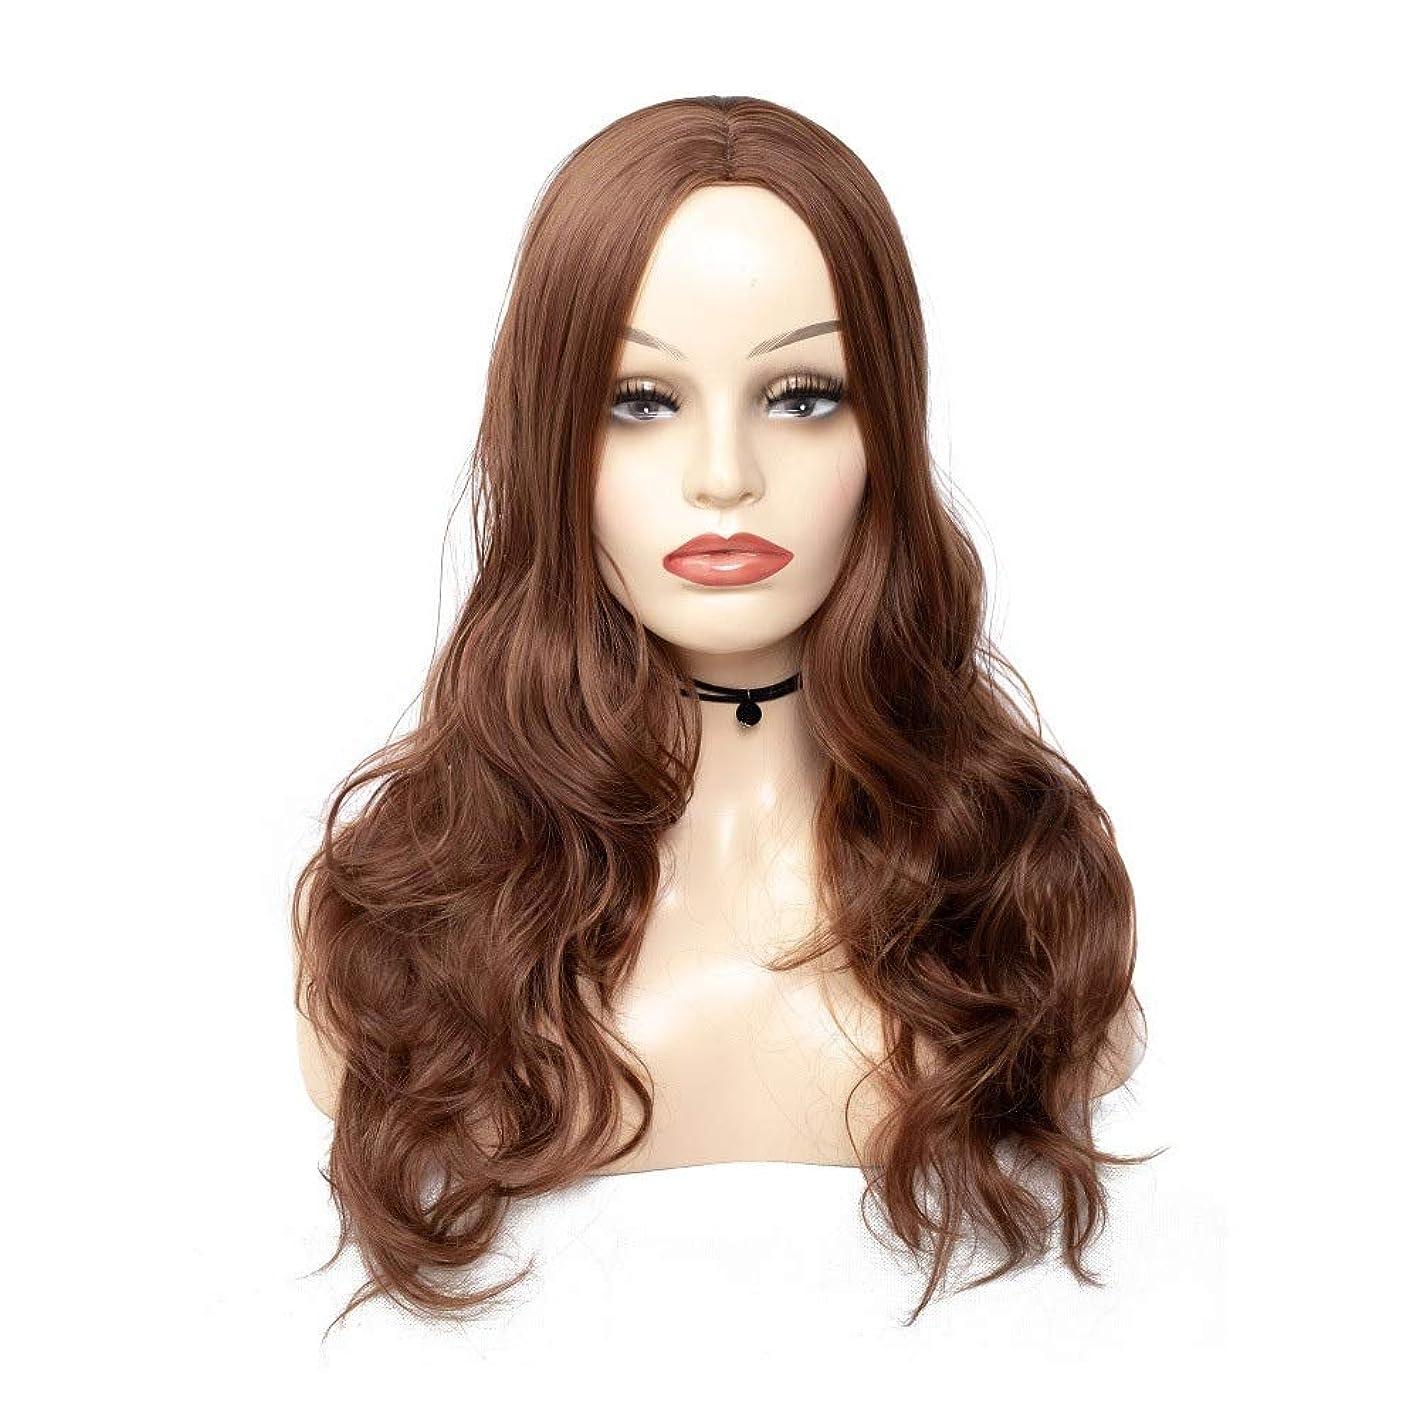 曲線相互地殻YESONEEP コスプレパーティーパーティーウィッグのための美しい女性の長い茶色の波カーリーウィッグナチュラルフルウィッグ (Color : ブラウン, サイズ : 60cm)